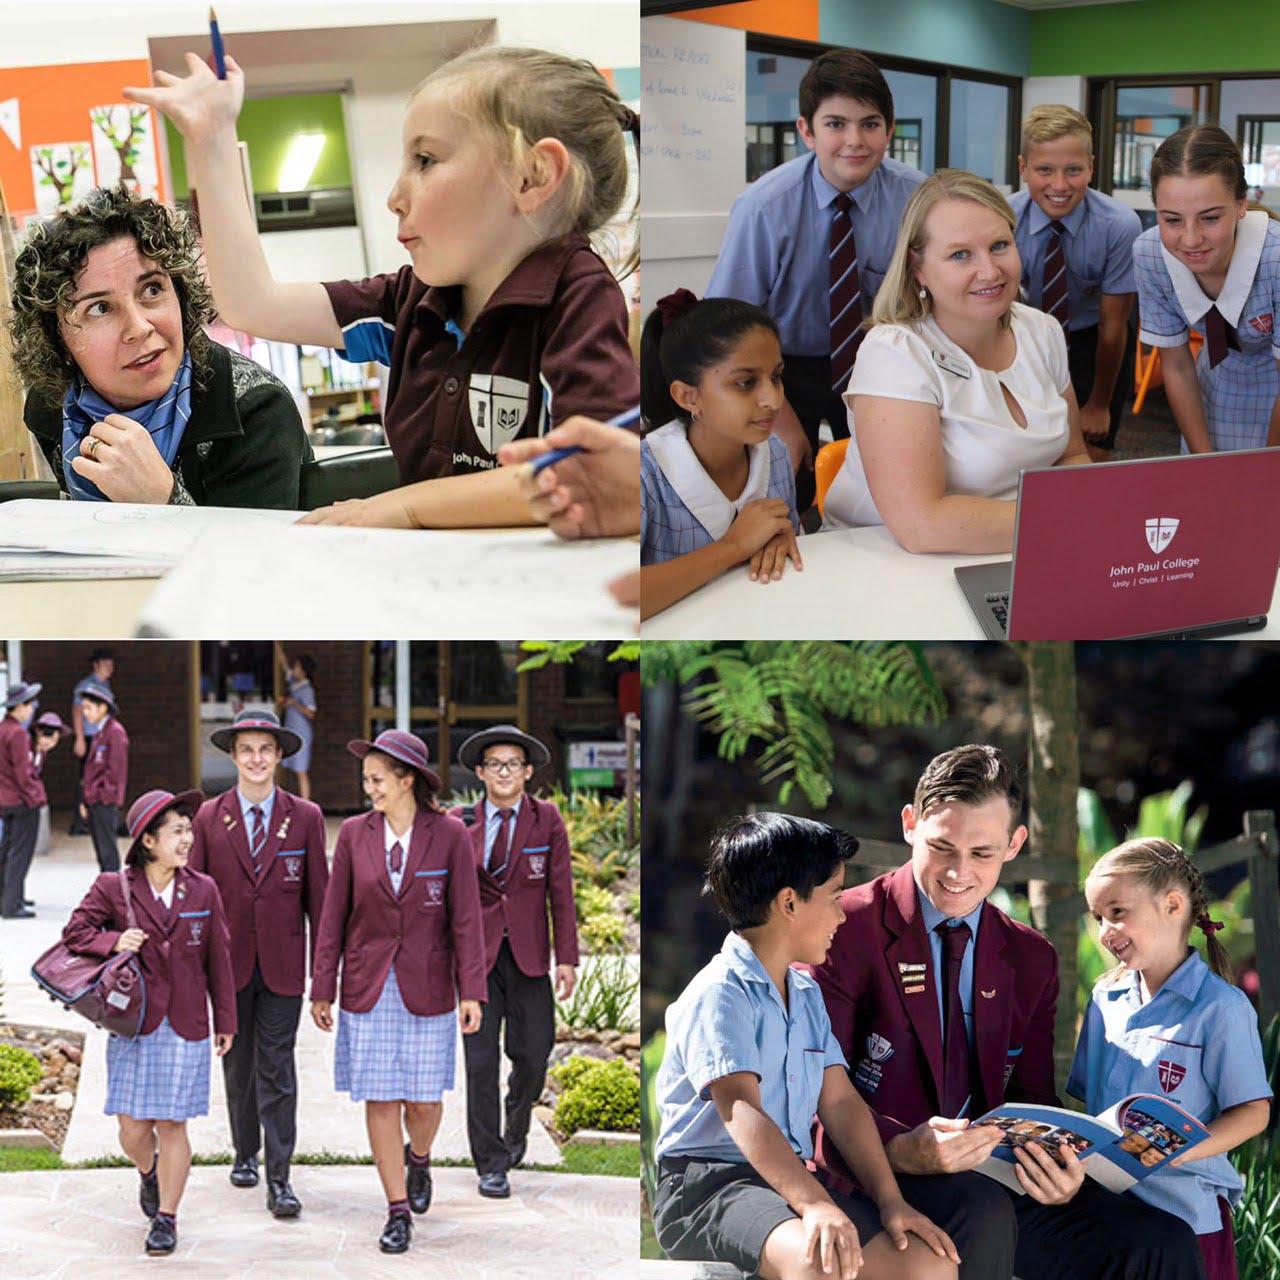 澳立留學 John Paul College 約翰保羅學院 制服 學校提供個人電腦 澳洲留學 澳洲移民 澳洲打工渡假 中學留學 小學留學 高中留學 遊學